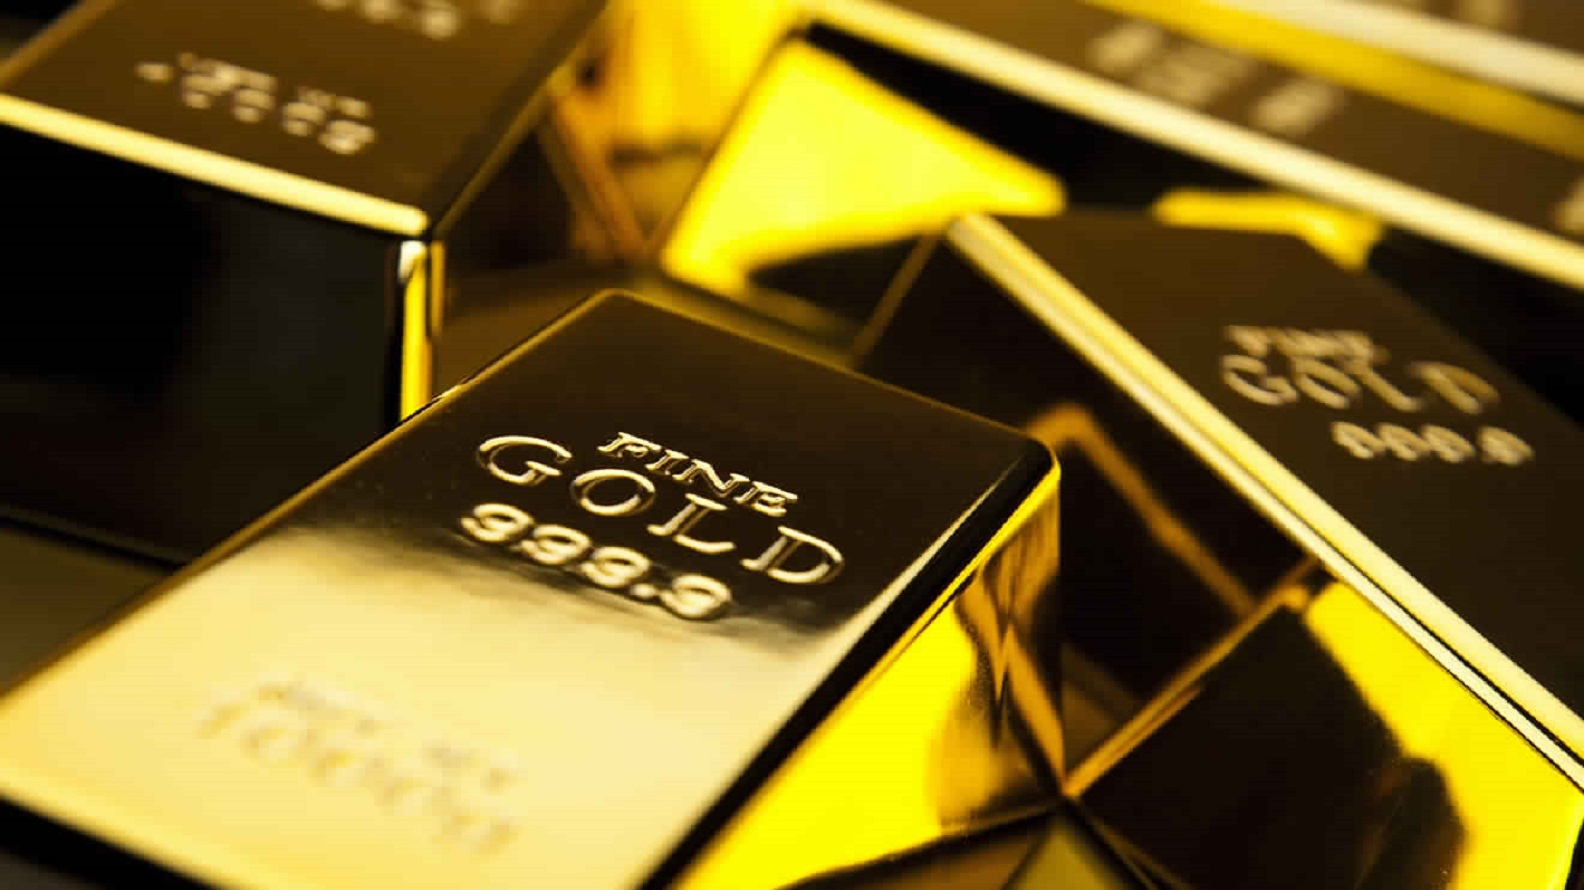 أسعار الذهب ترتفع بنسبة 0.3%